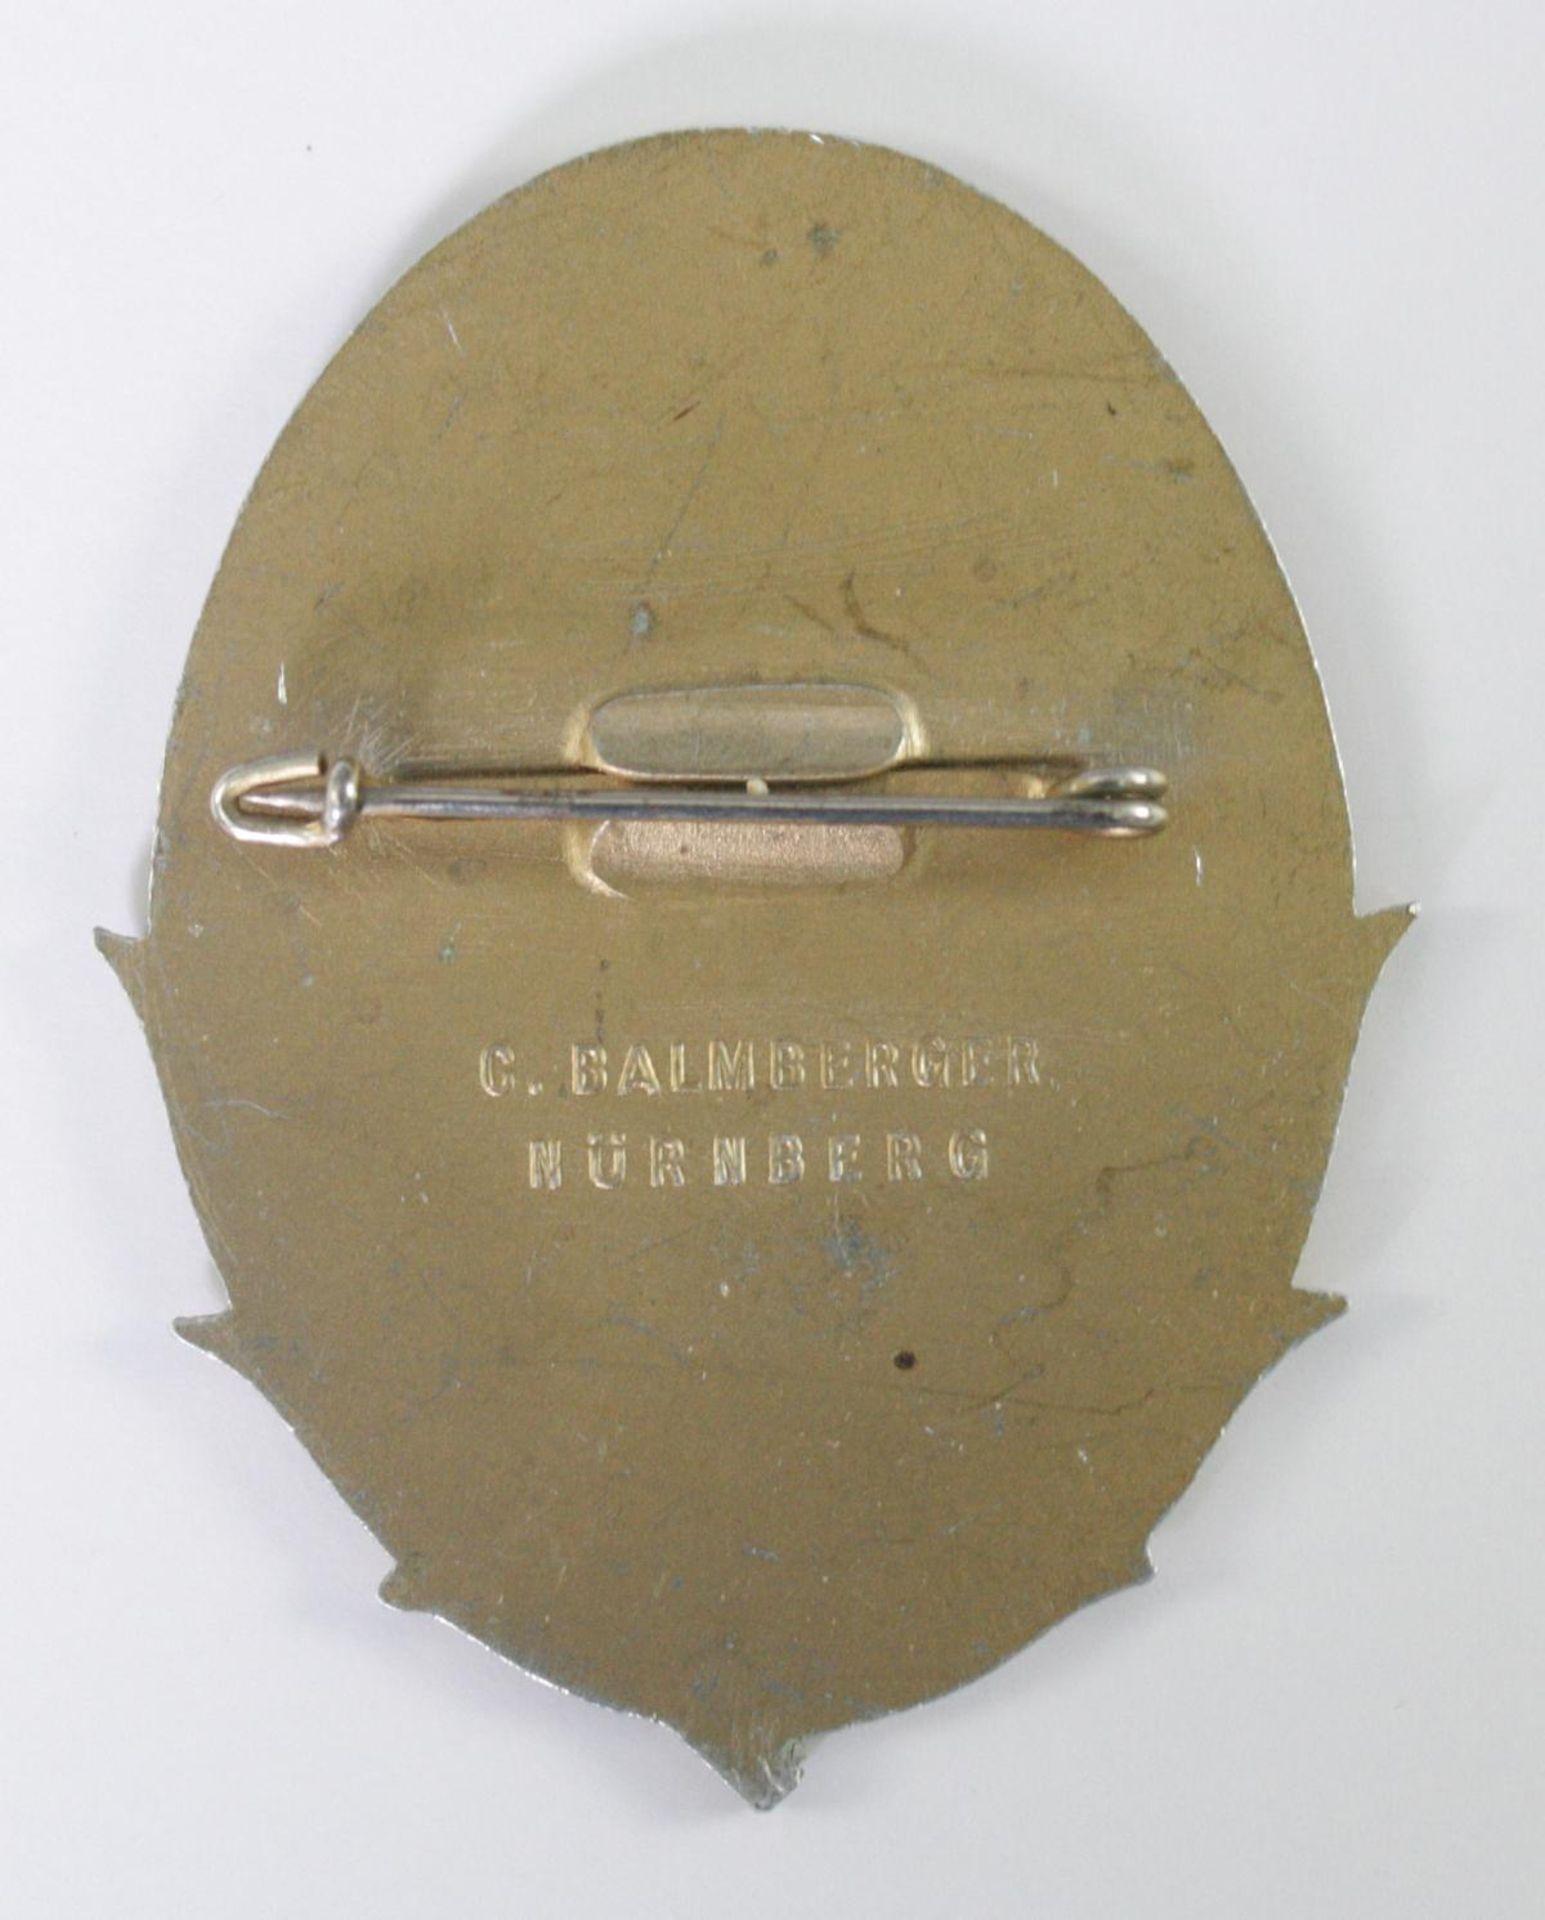 Jubiläumsabzeichen zur 125 Jahrfeier des Infanterie Regiments Nr. 14, Nürnberg 1939 - Bild 2 aus 2